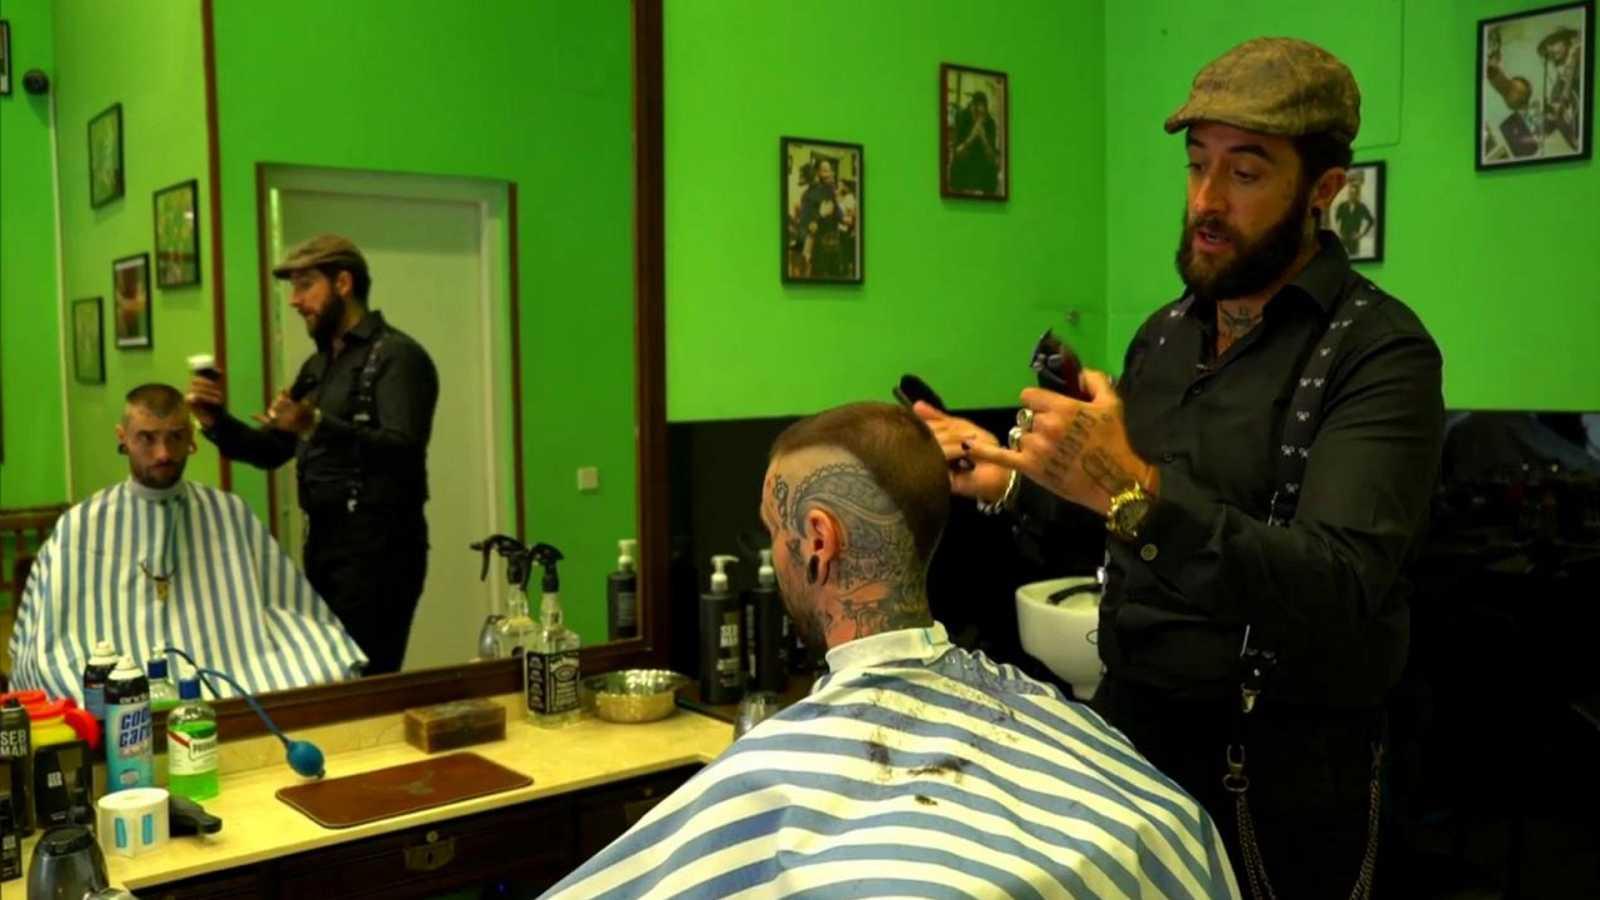 Zoom Tendencias - Barberías a la última - ver ahora